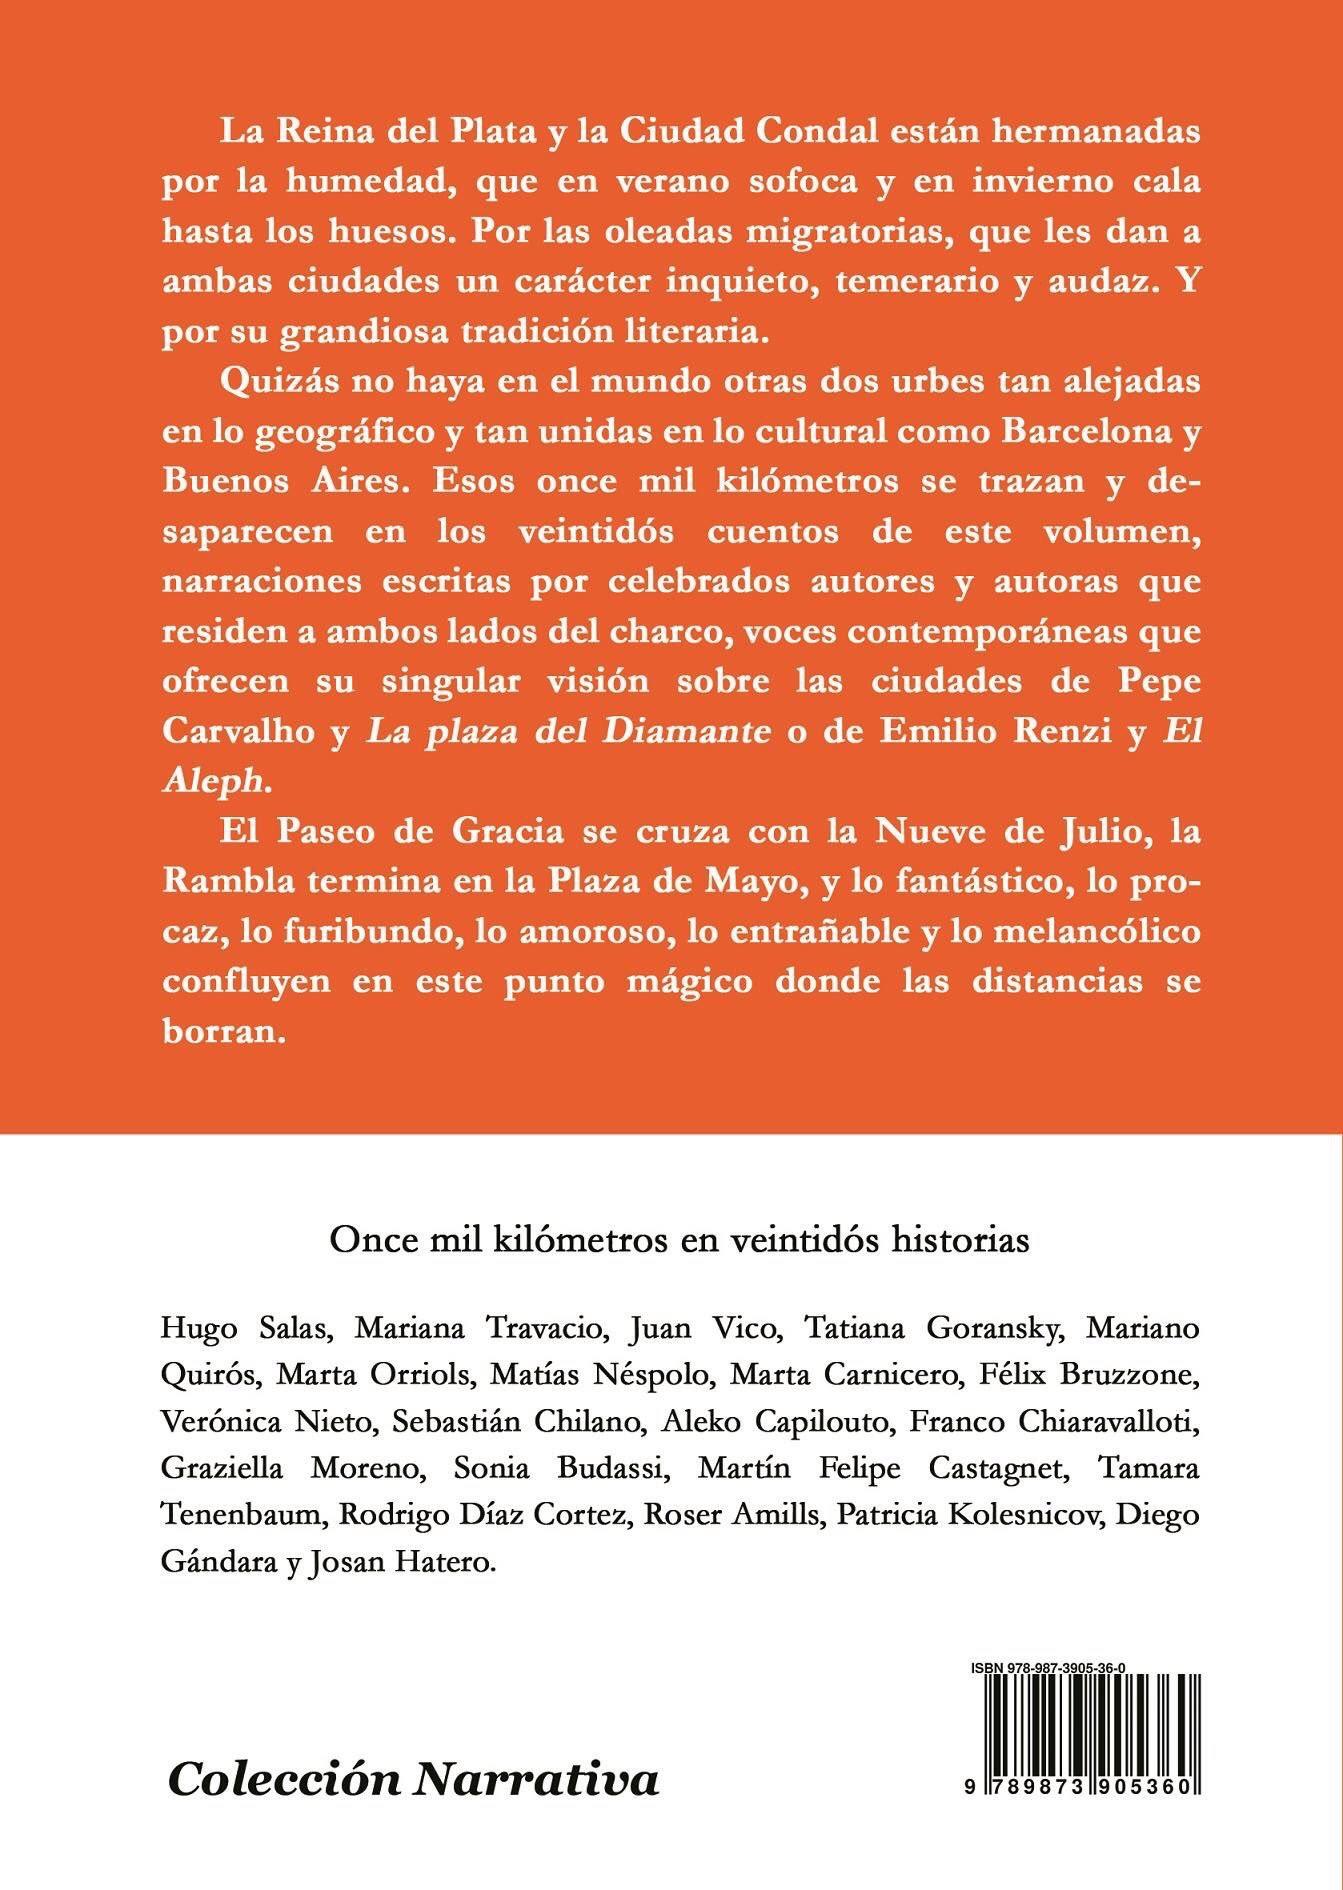 Antologia barcelona buenos aires baltasara editorial